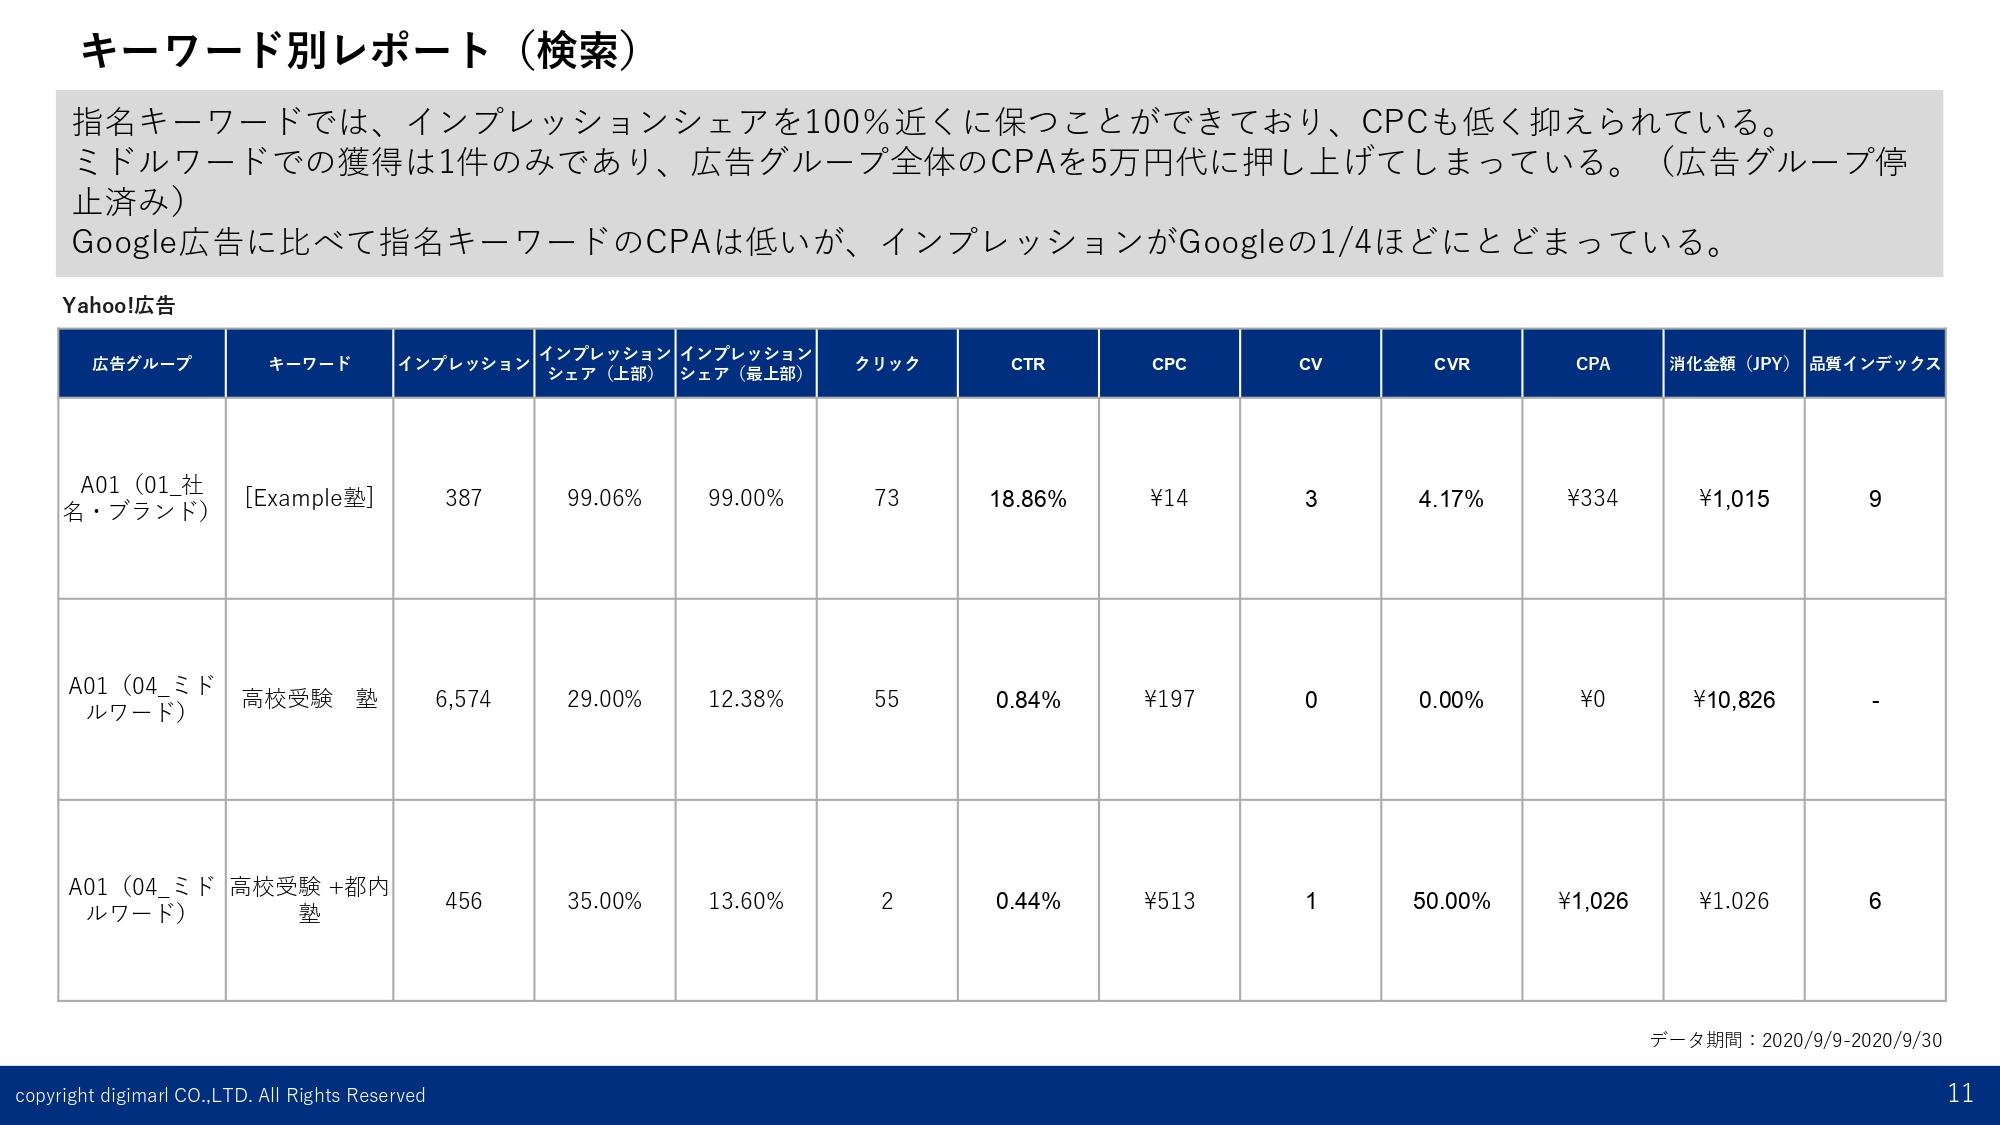 月次レポート-キーワード別レポート(Yahoo!)